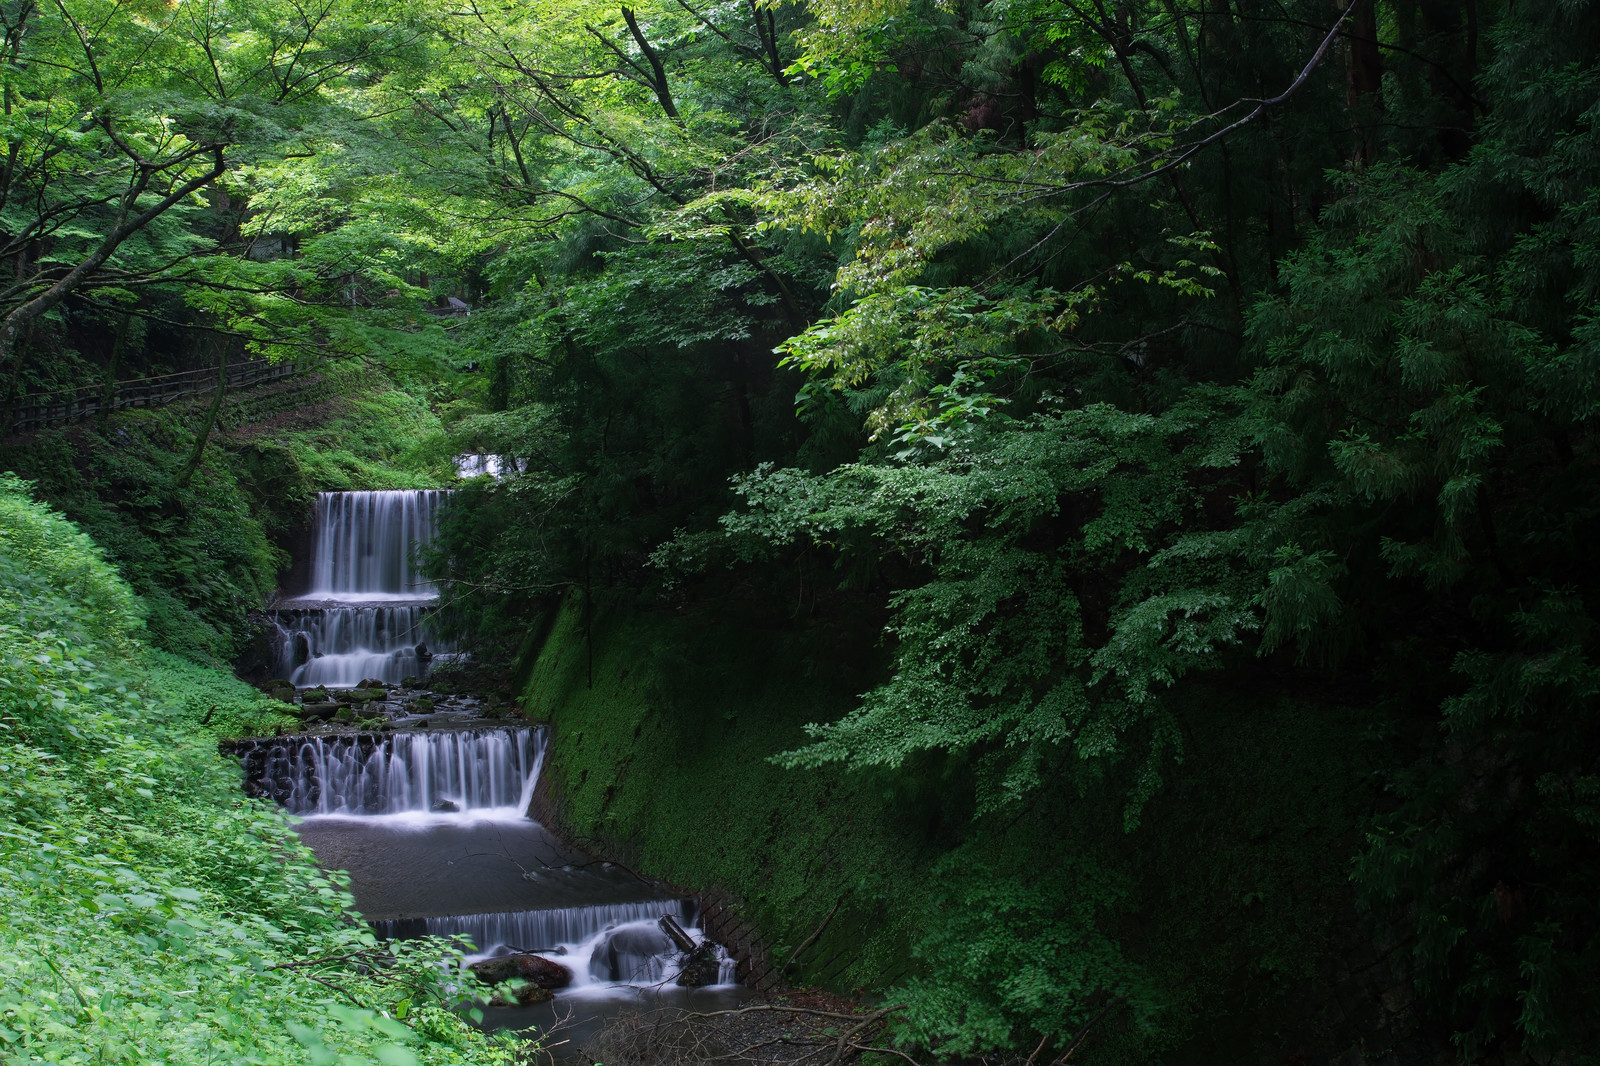 「新緑の遊歩道と段々と流れ行く小川」の写真